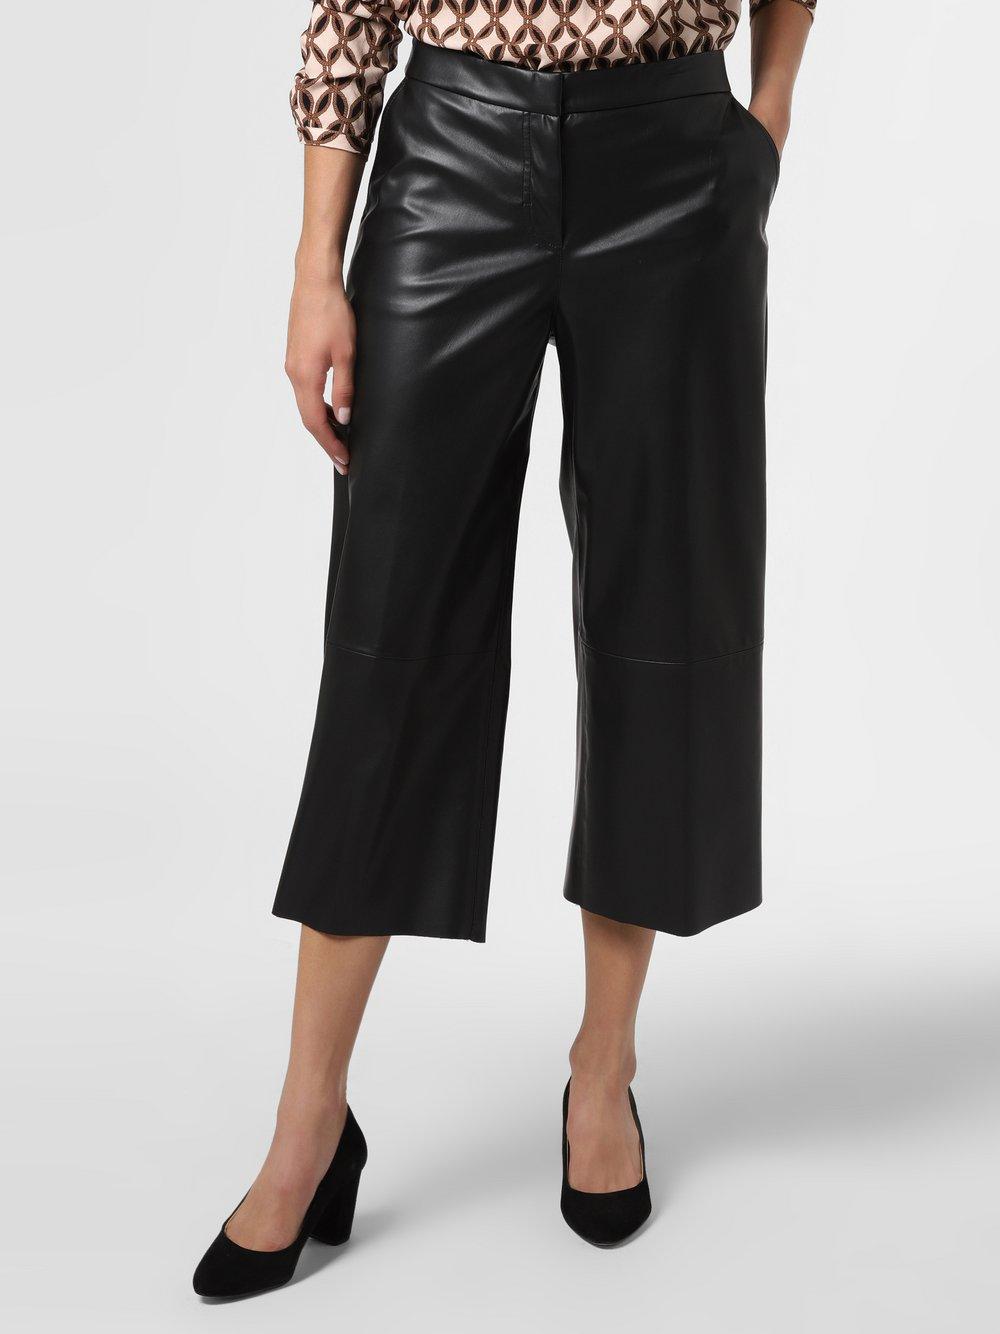 Someday - Spodnie damskie – Chang, czarny